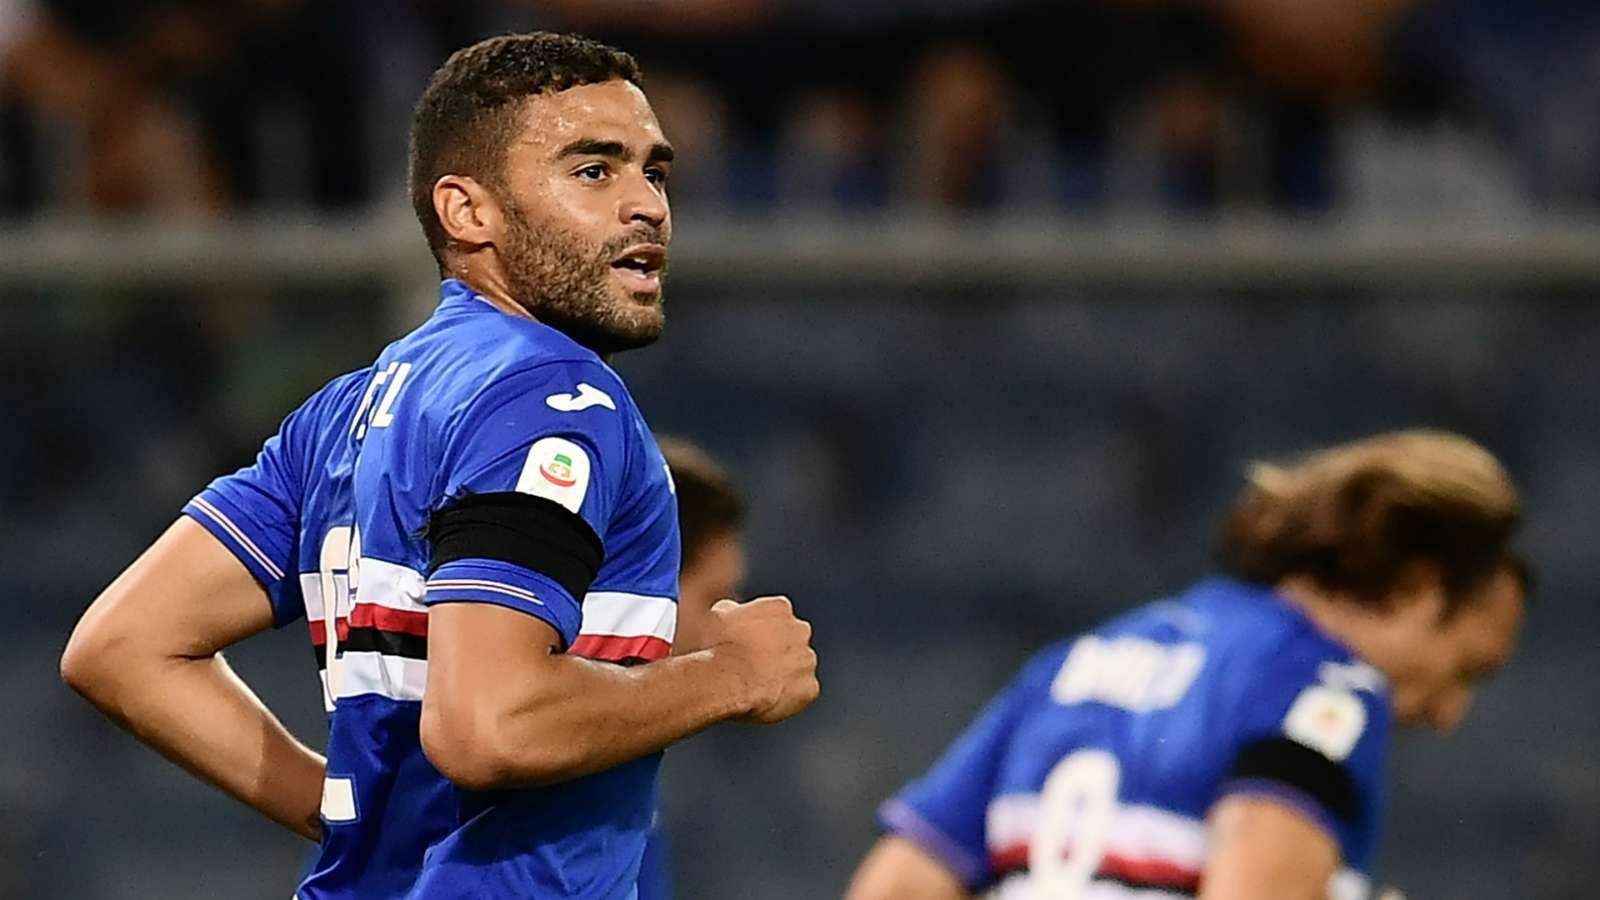 """Defrel e il razzismo nel calcio: """"Mi dicono marocchino di merda, papà è della Martinica"""""""